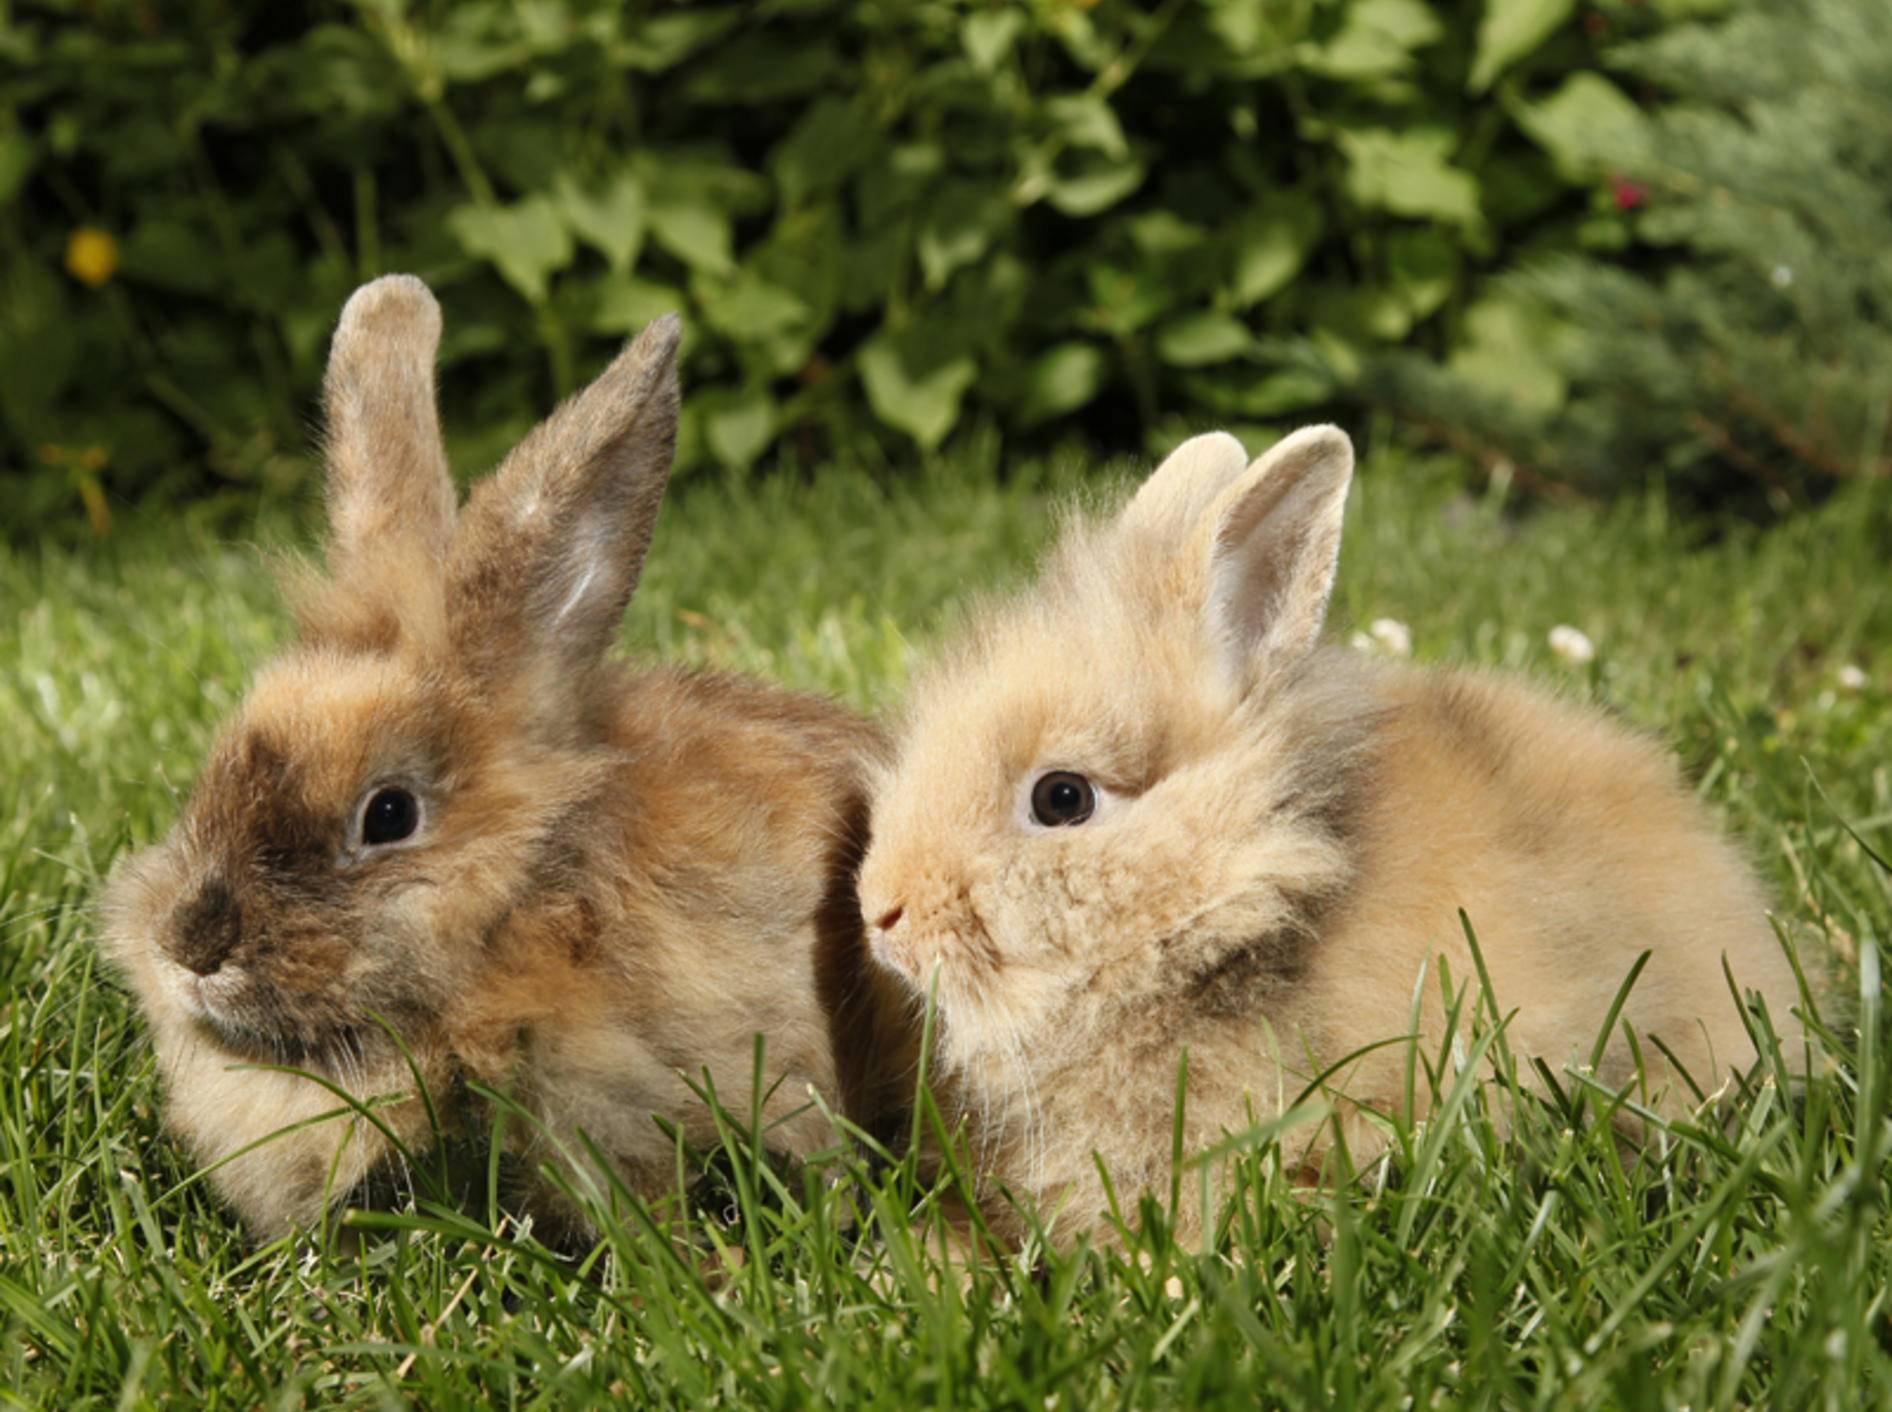 Wenn Sie Kaninchen vergesellschaften wollen, eignet sich dafür am besten ein neutrales Terrain – Shutterstock / Richard Peterson